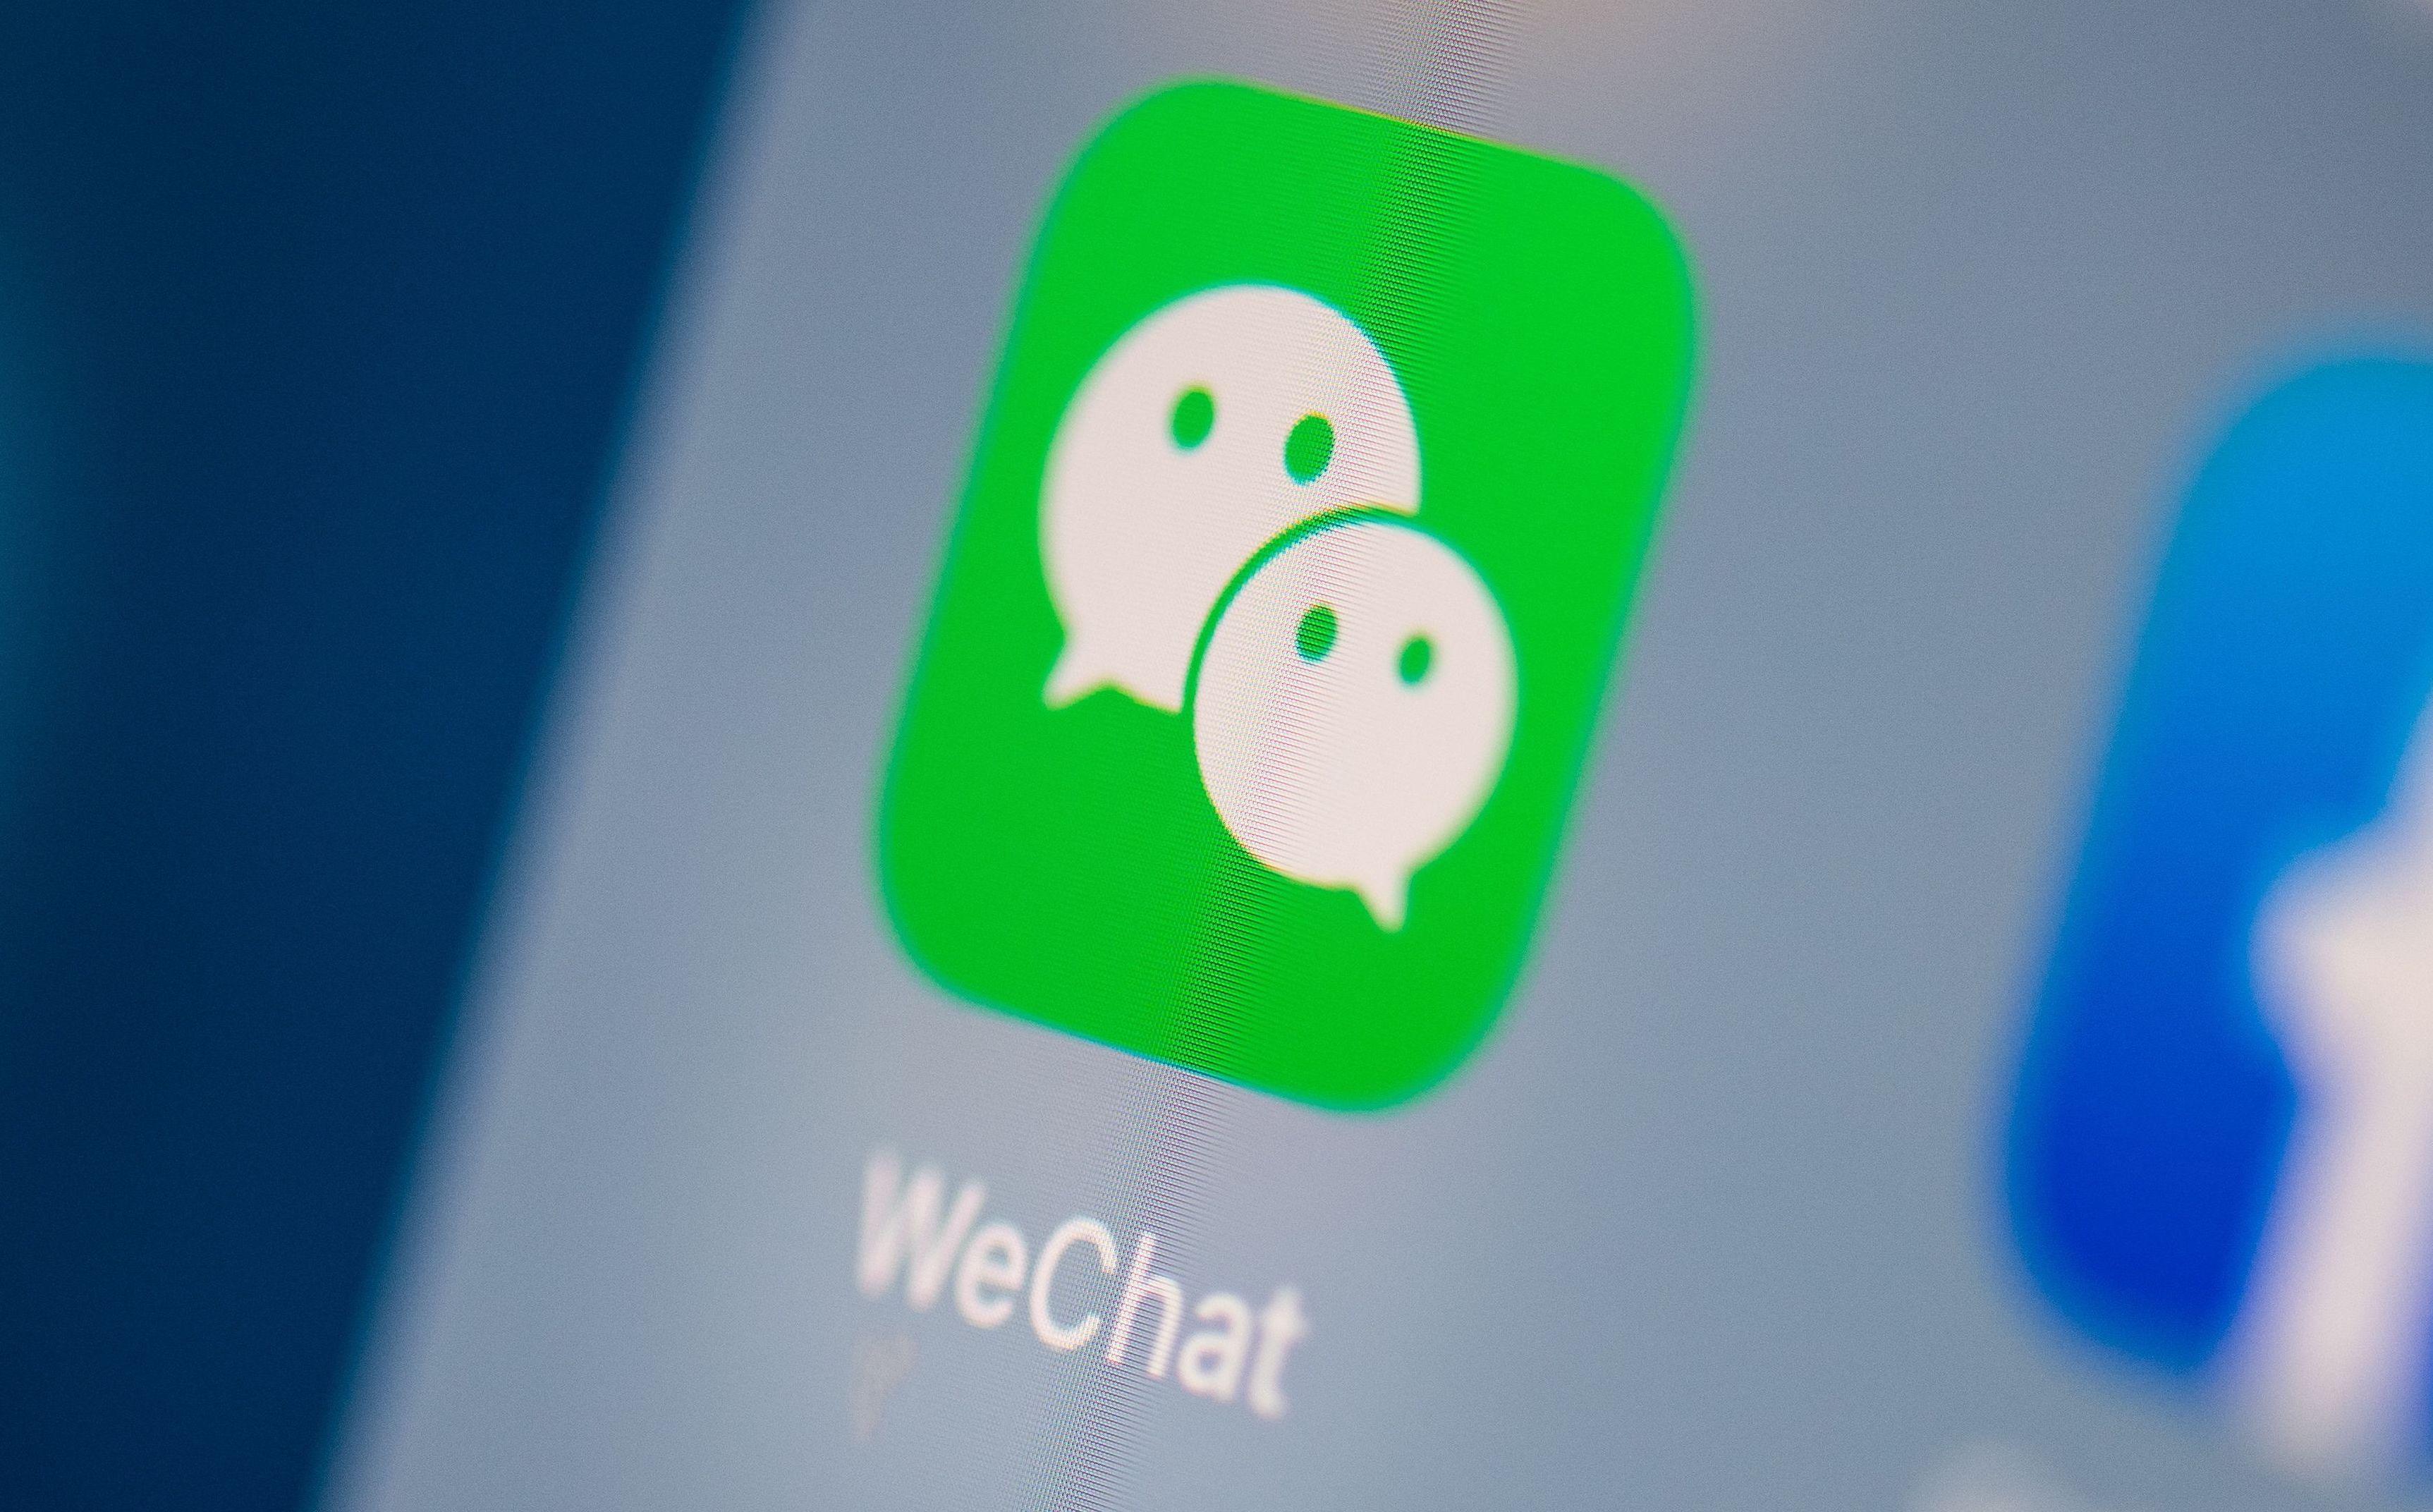 美國國務卿邁克‧蓬佩奧(Mike Pompeo)周三(8月5日)表示,美國希望「不被信任」的中國應用程式從美國應用程式商店中刪除,並認為中國擁有的短影片應用程式TikTok和短信應用程式微信對美國「構成重大威脅」。圖為微信圖標。(MARTIN BUREAU/AFP)